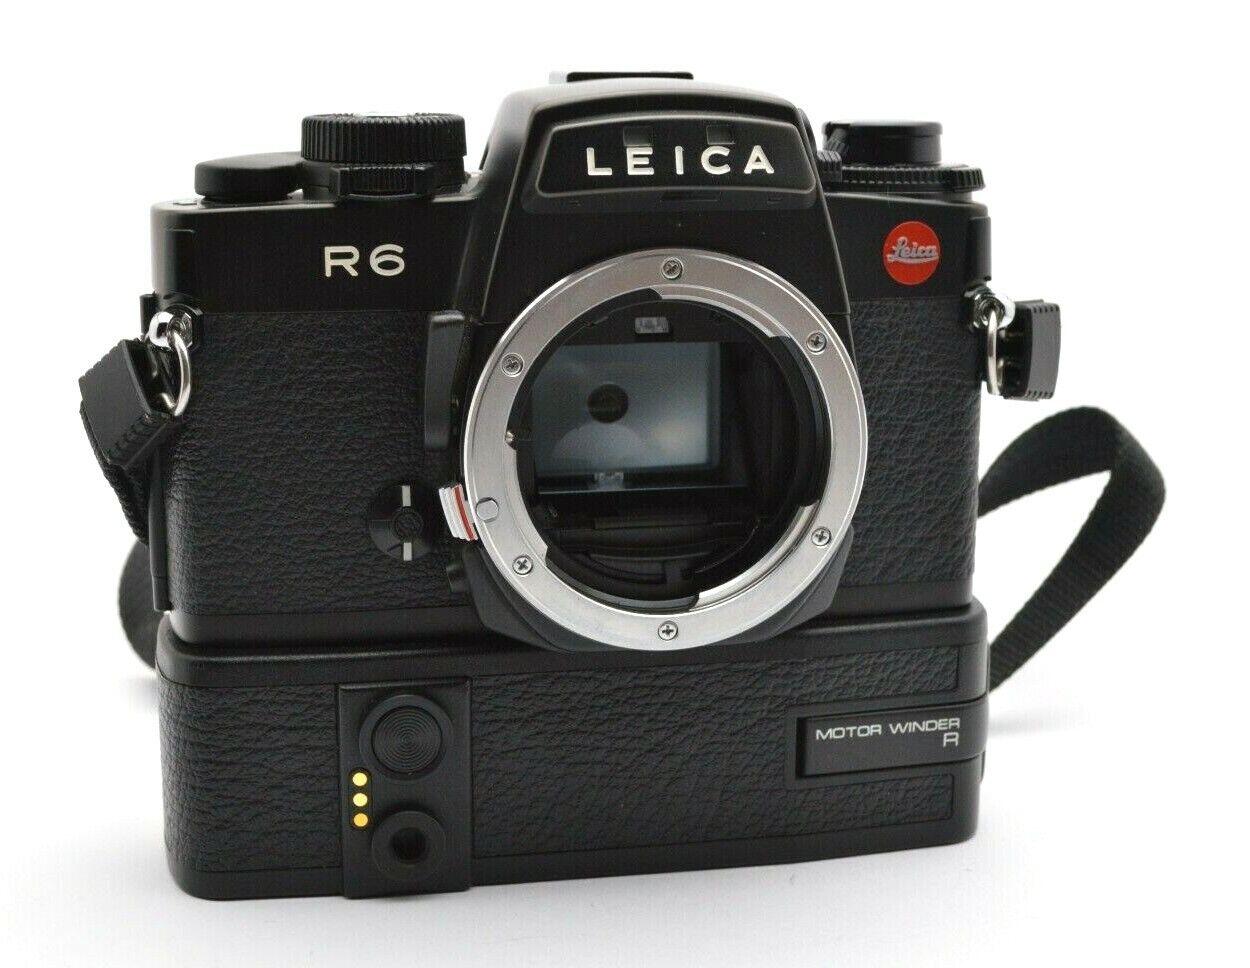 Leitz Leica R6 Analog Kamera Spiegelreflex Camera Body, Motor Winder Griff g58